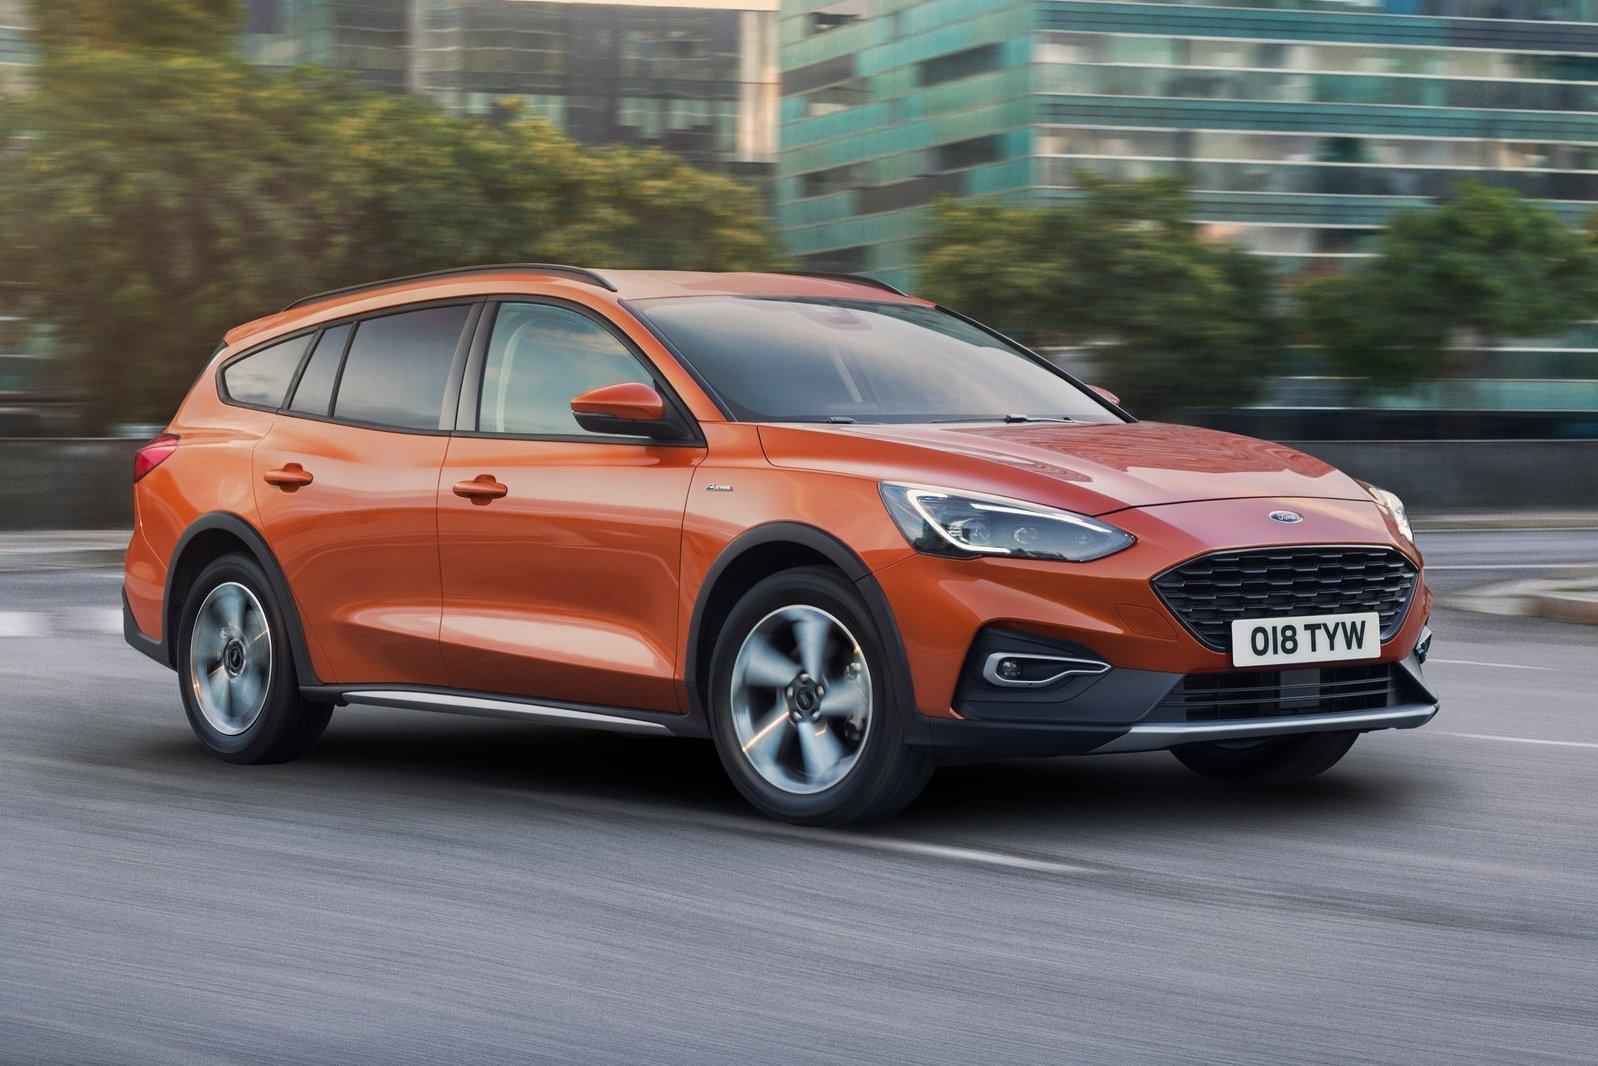 Универсал Ford Focus стал «внедорожником»